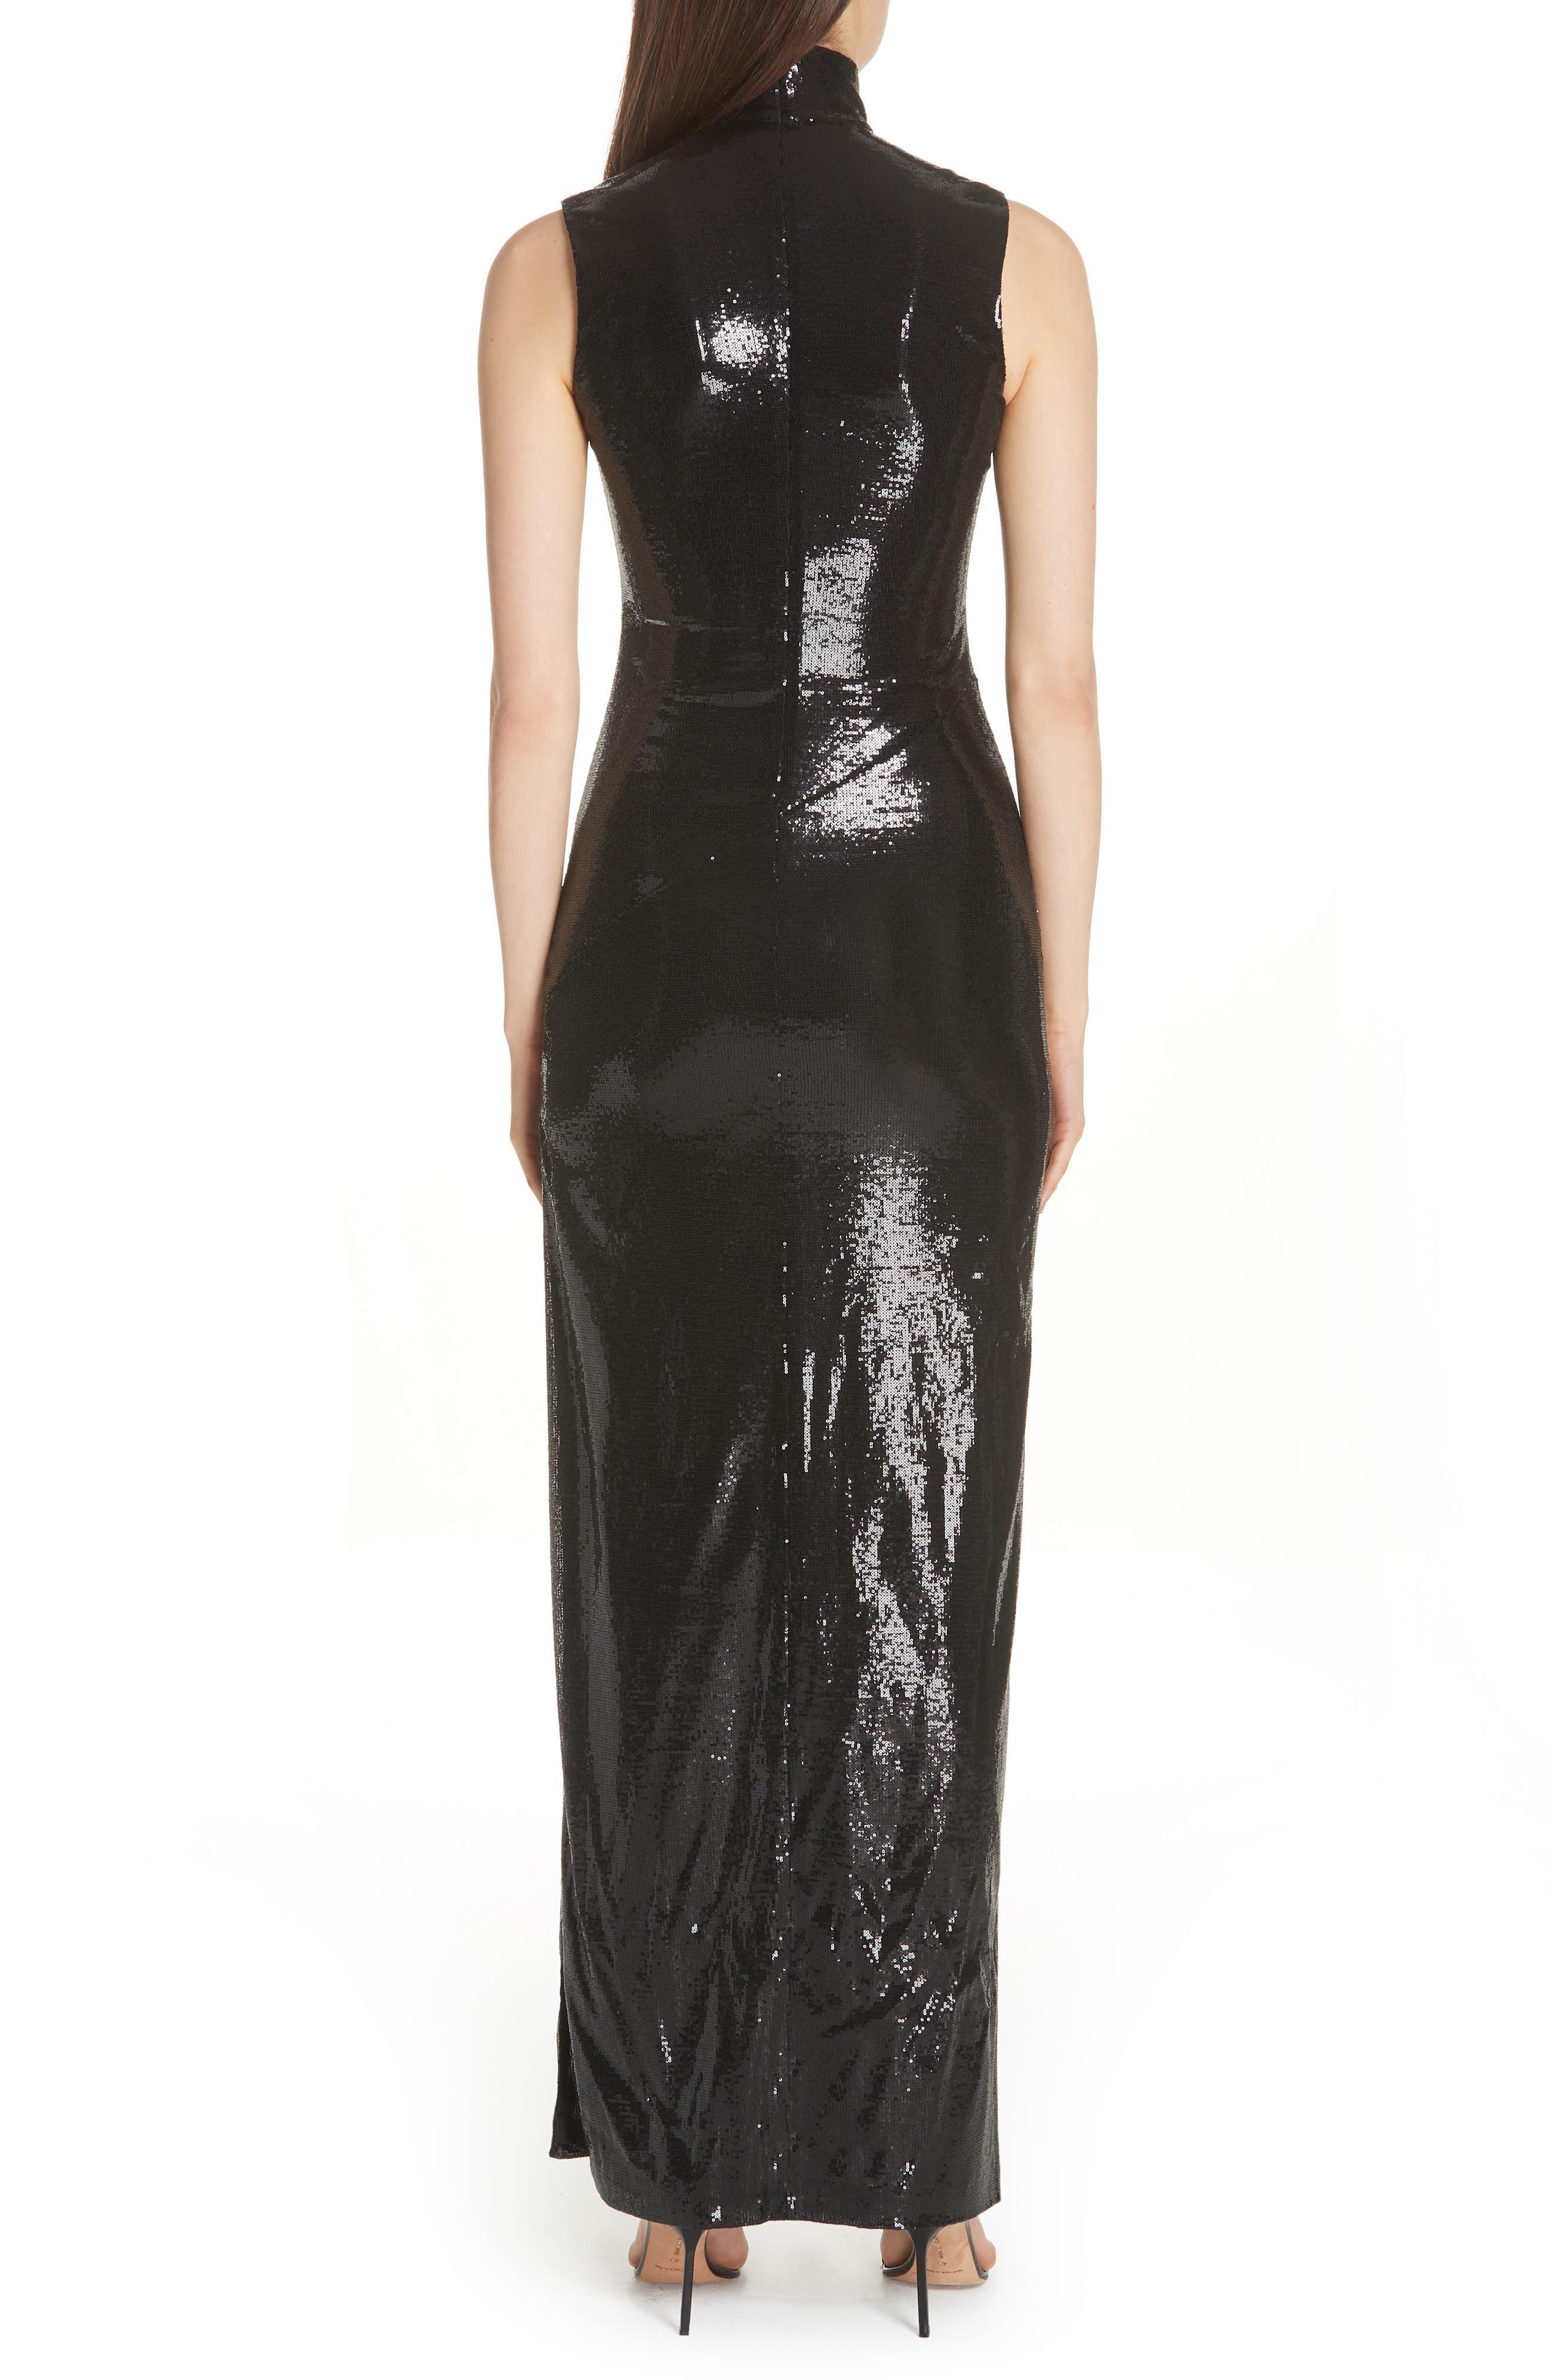 GALVAN,                             Turtleneck Sequin Gown,                             Alternate thumbnail 2, color,                             BLACK